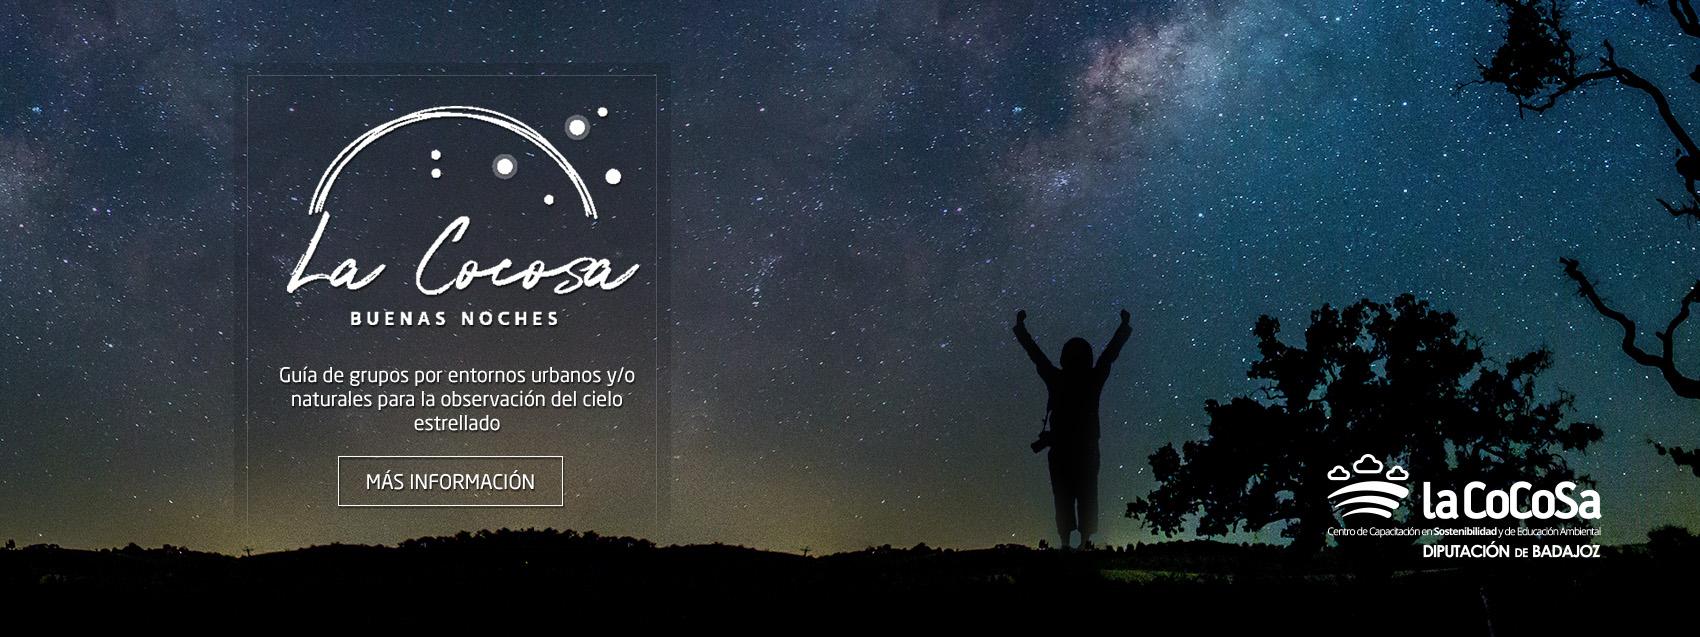 Programa Noche en la dehesa - Guía de grupos por entornos urbanos y/o naturales para la observación del cielo estrellado